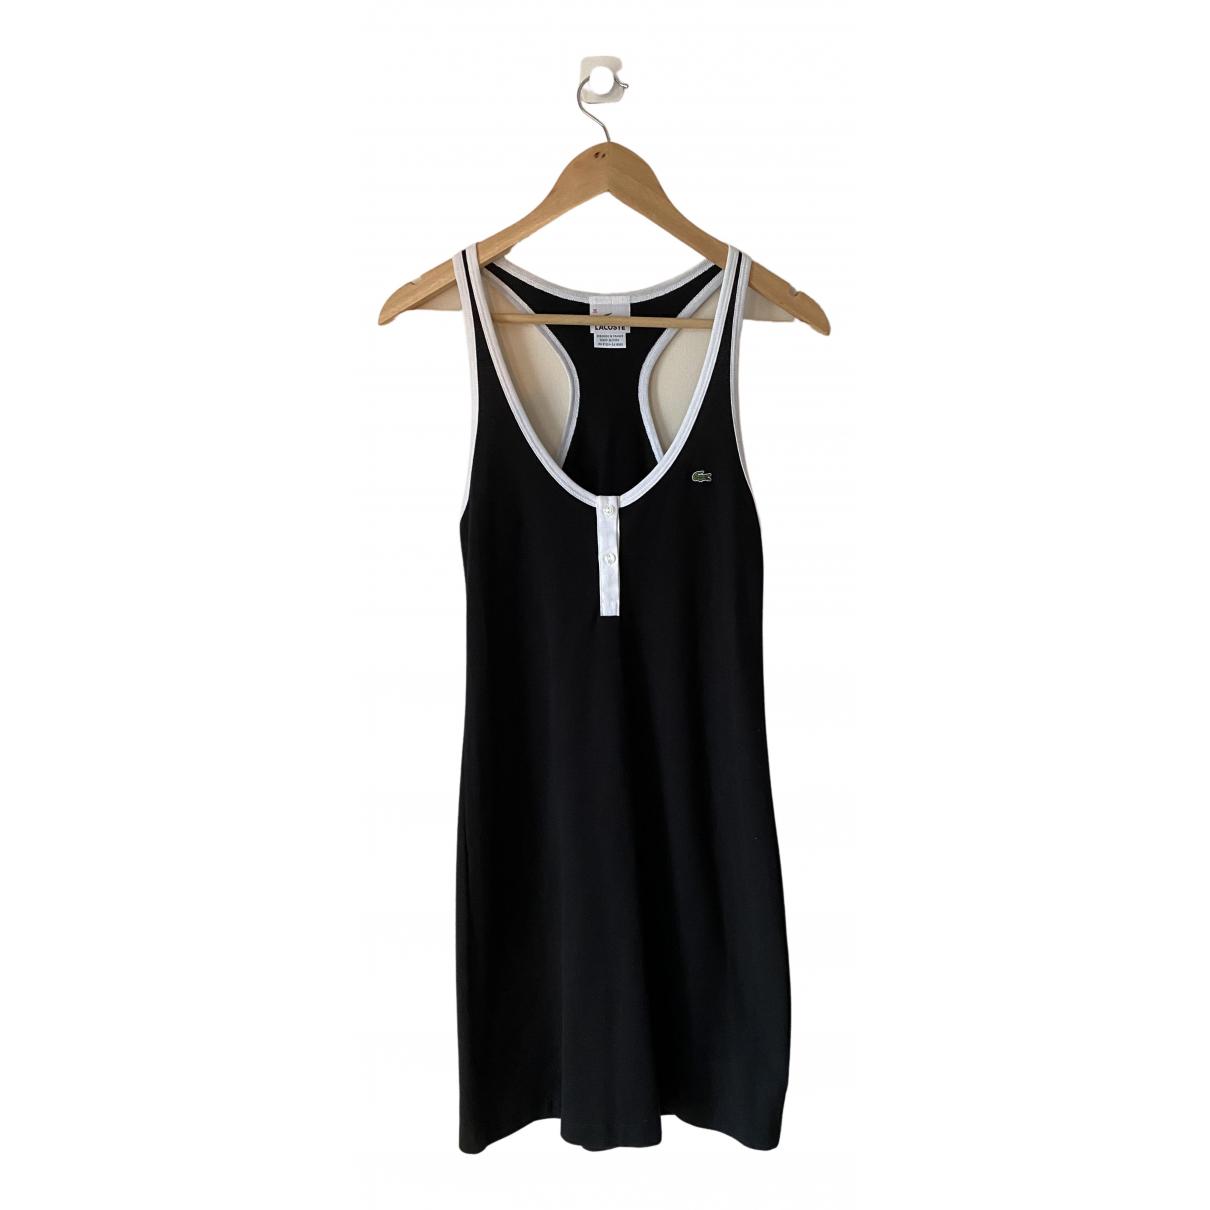 Lacoste \N Kleid in  Schwarz Baumwolle - Elasthan